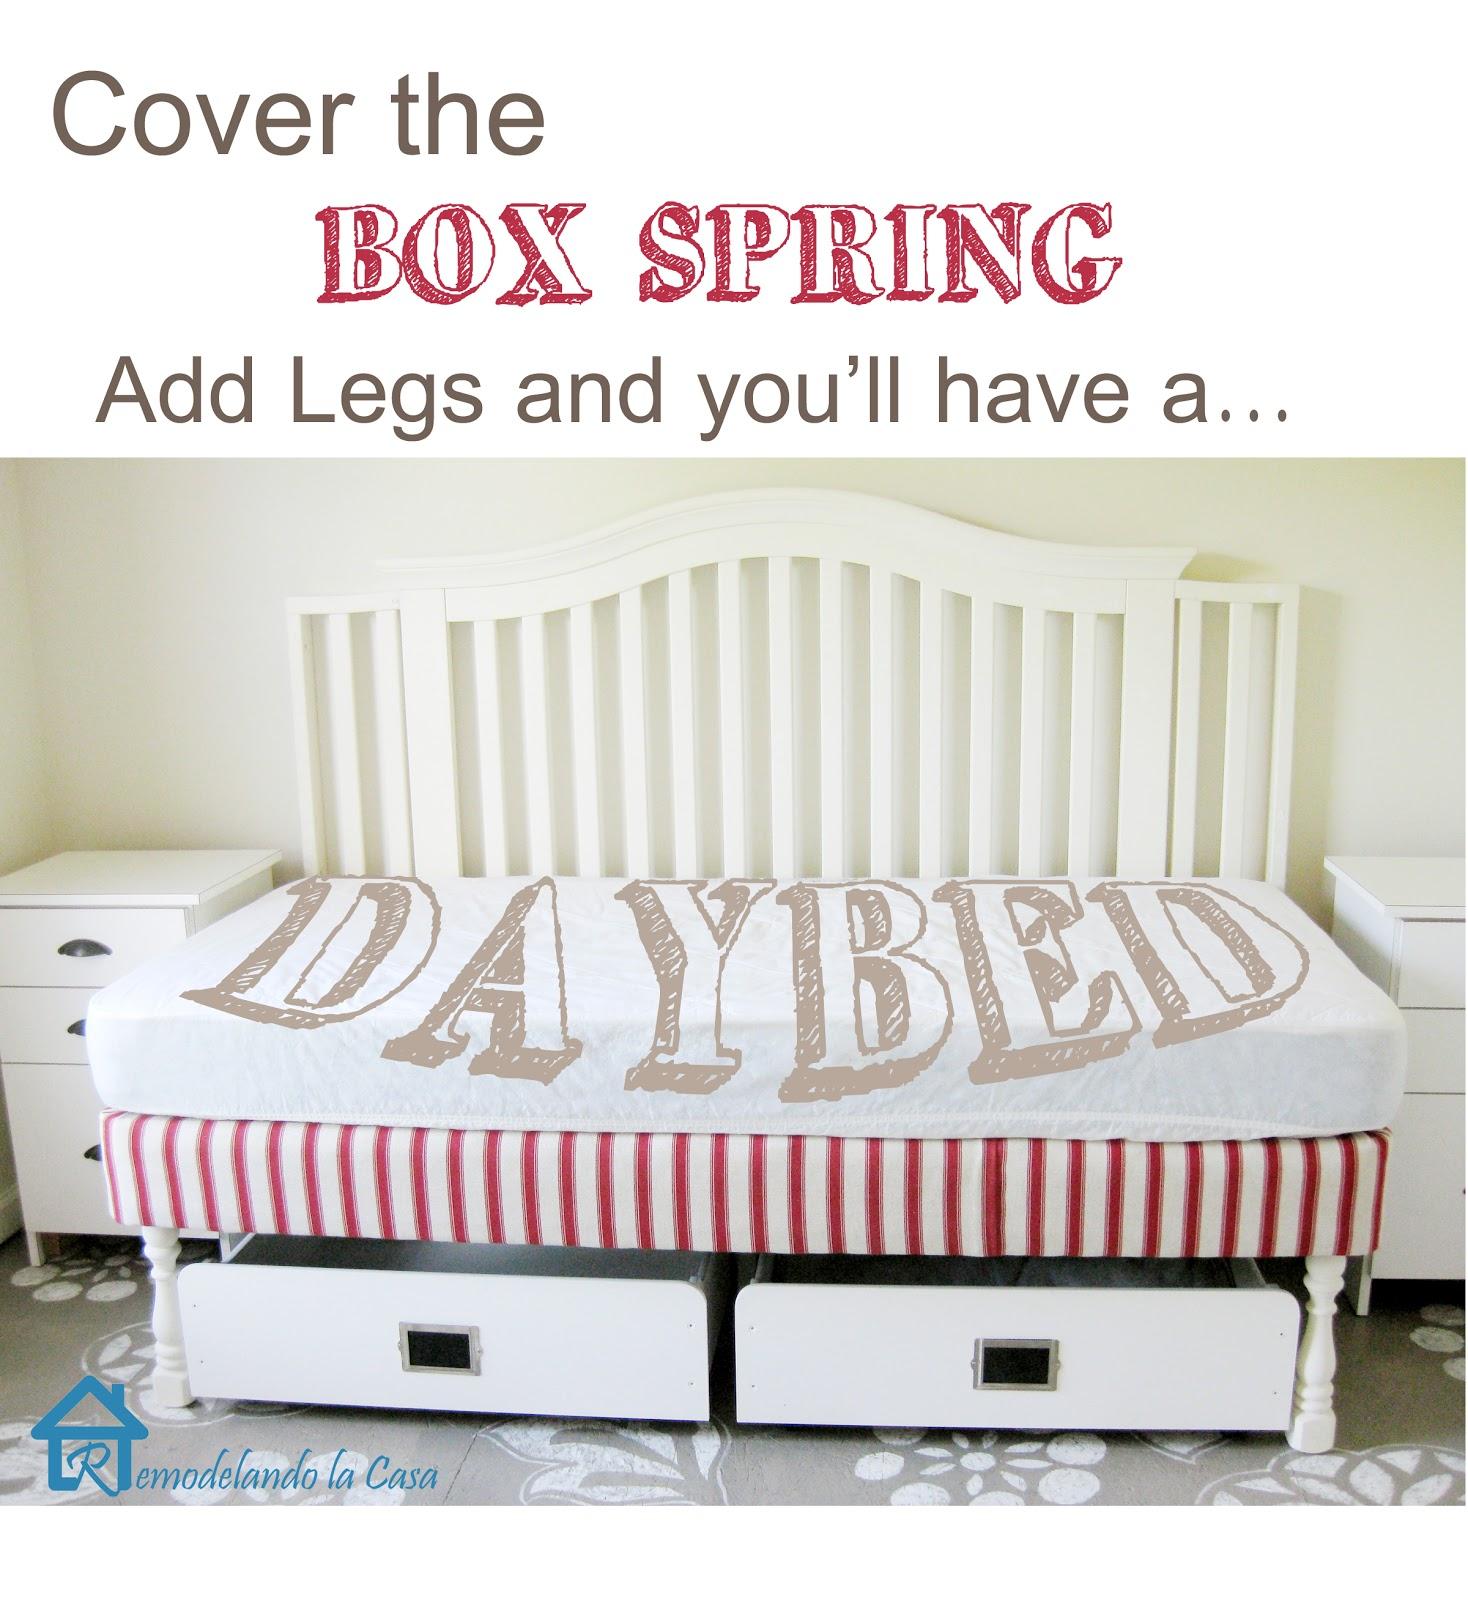 Daybed From Box Spring Legs Remodelando La Casa